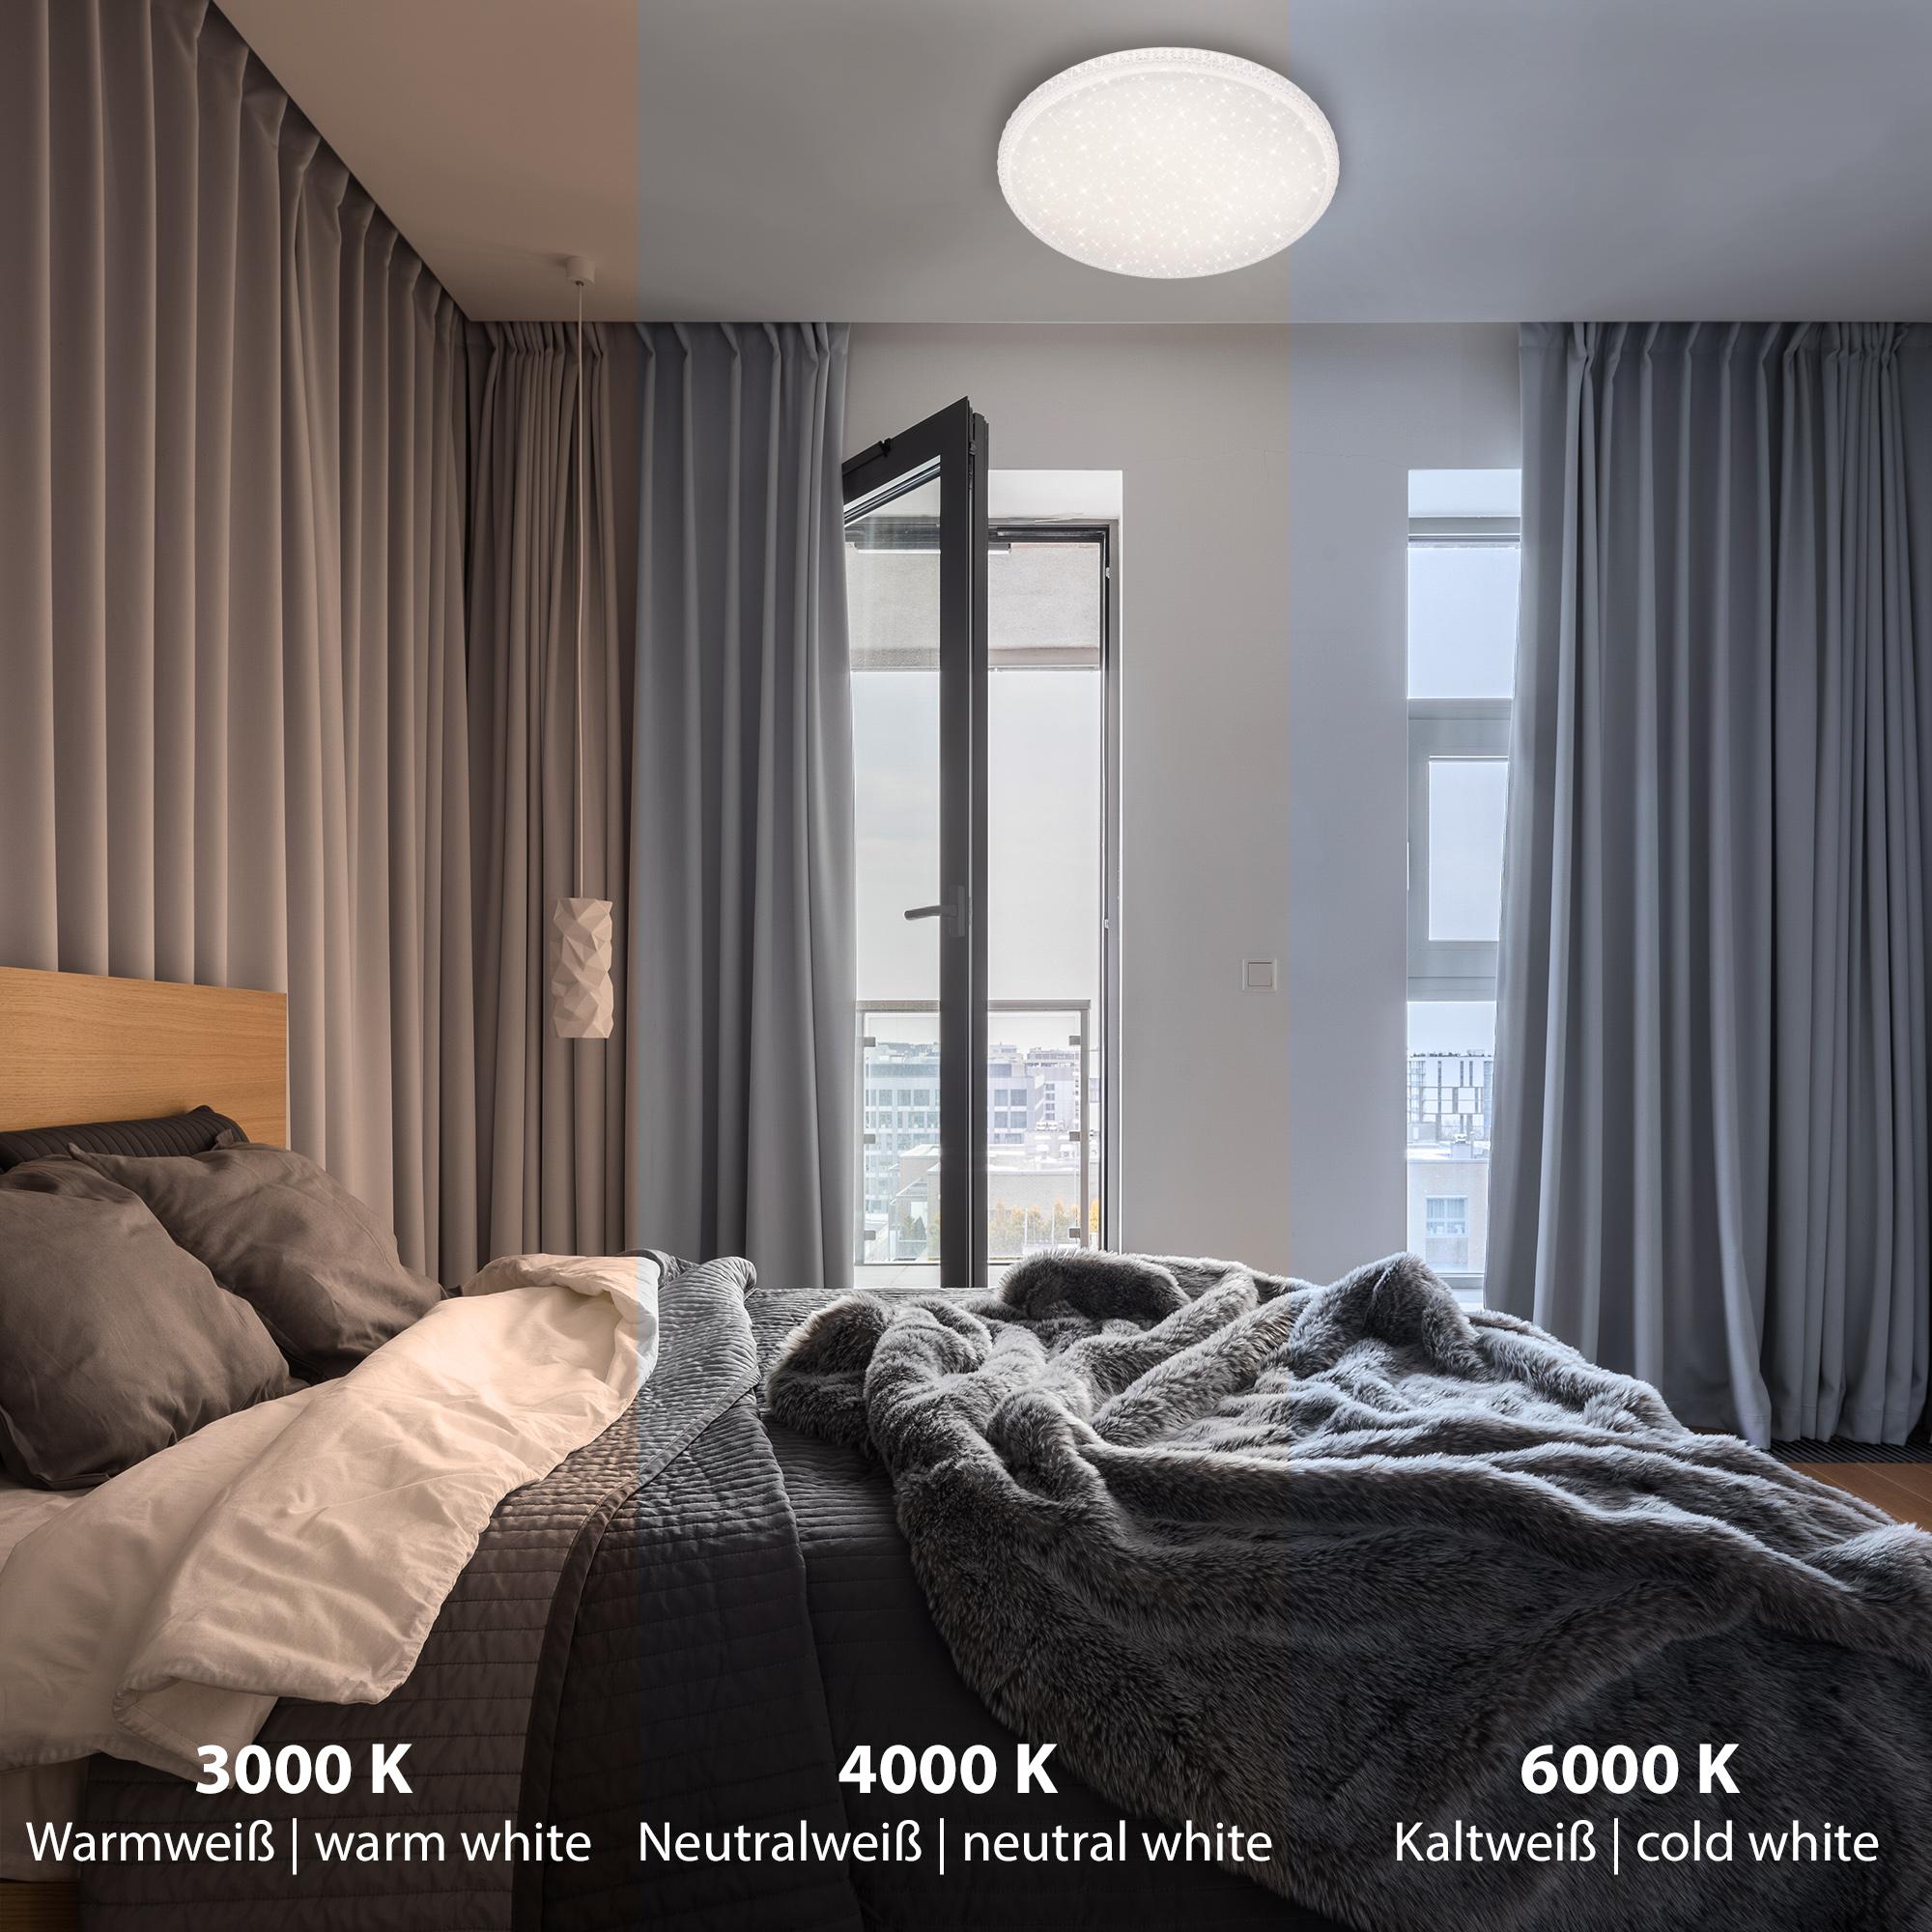 STERNENHIMMEL LED Deckenleuchte, Ø 59,5 cm, 48 W, Weiss